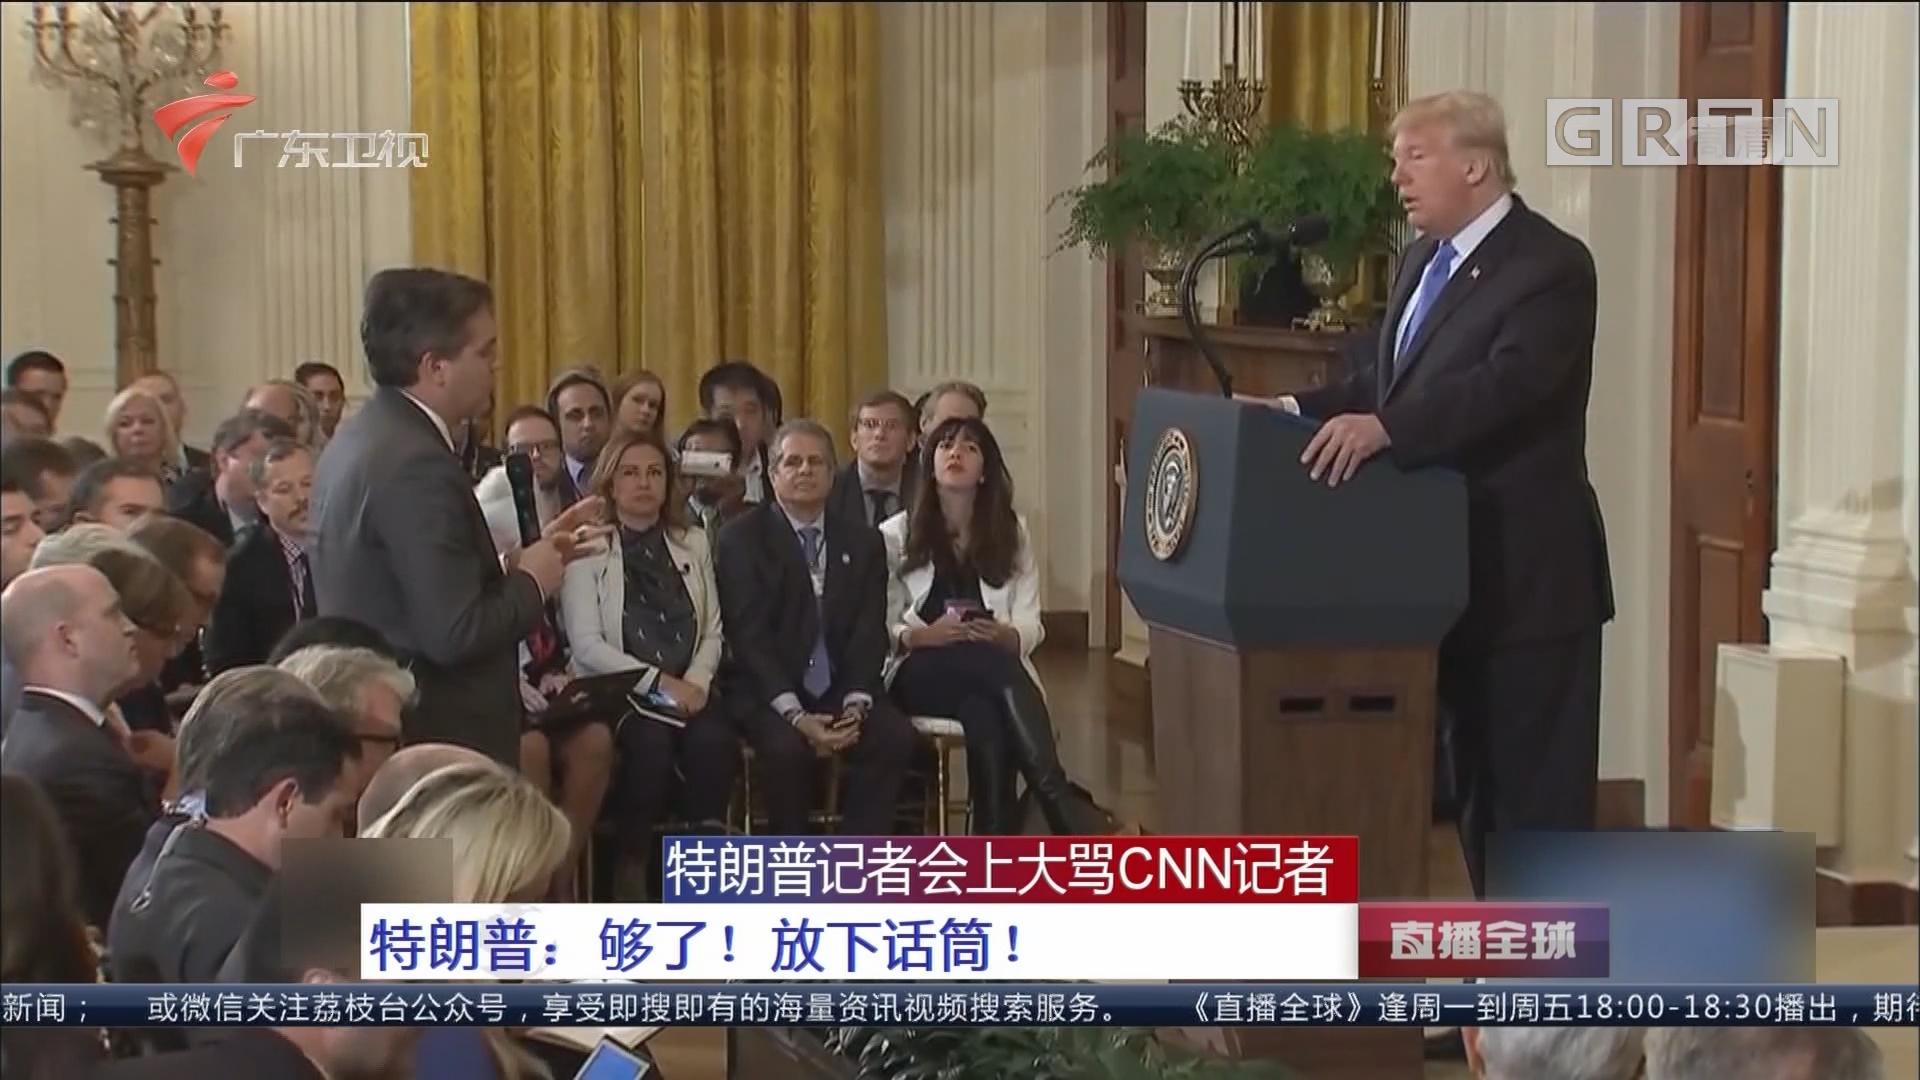 特朗普记者会上大骂CNN记者  特朗普:够了!放下话筒!